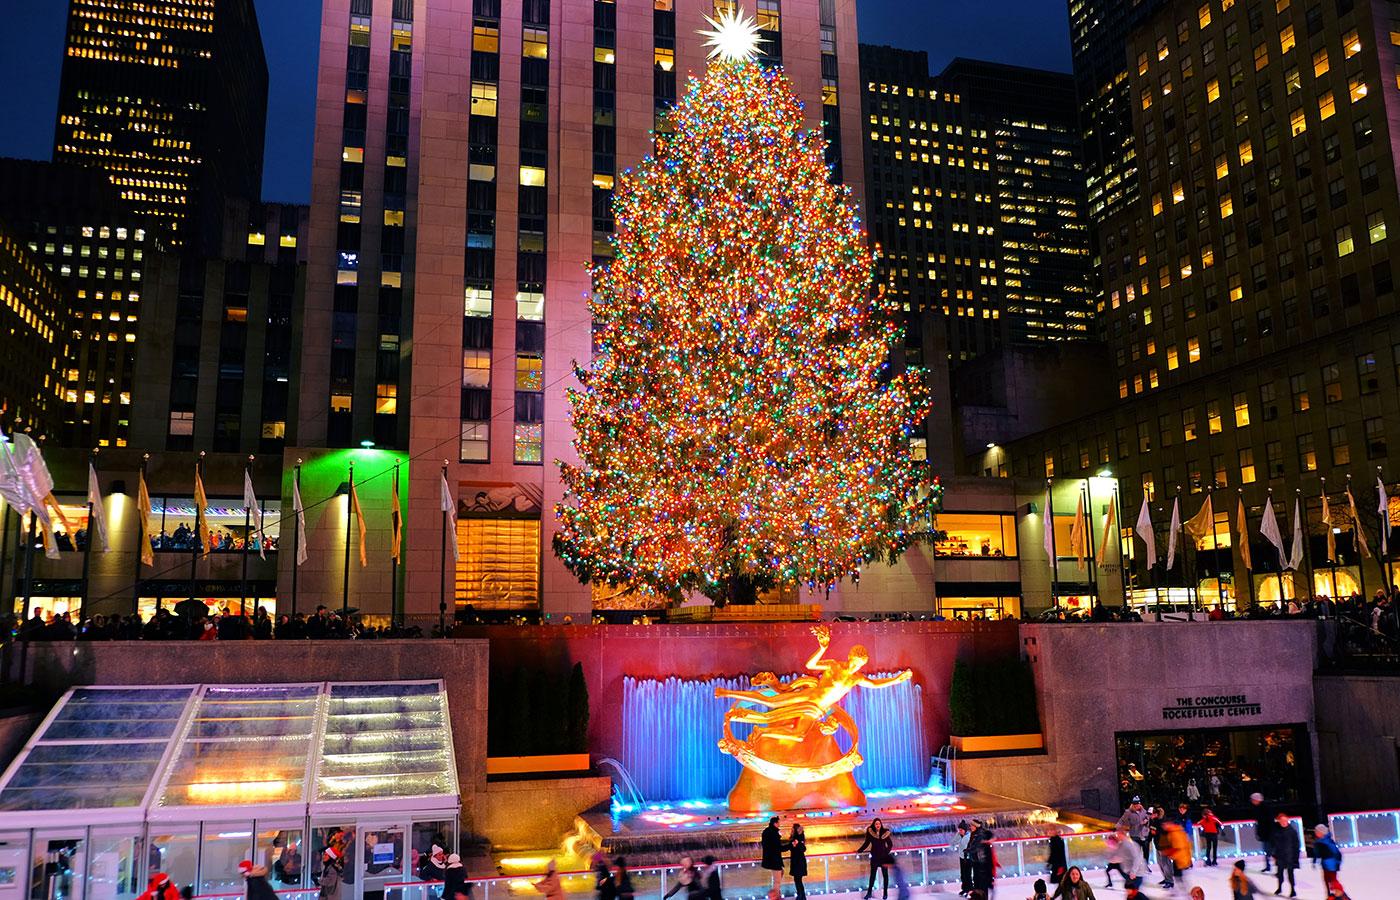 Weihnachtszeit in New York - Weihnachtsbaum am Rockefeller Center